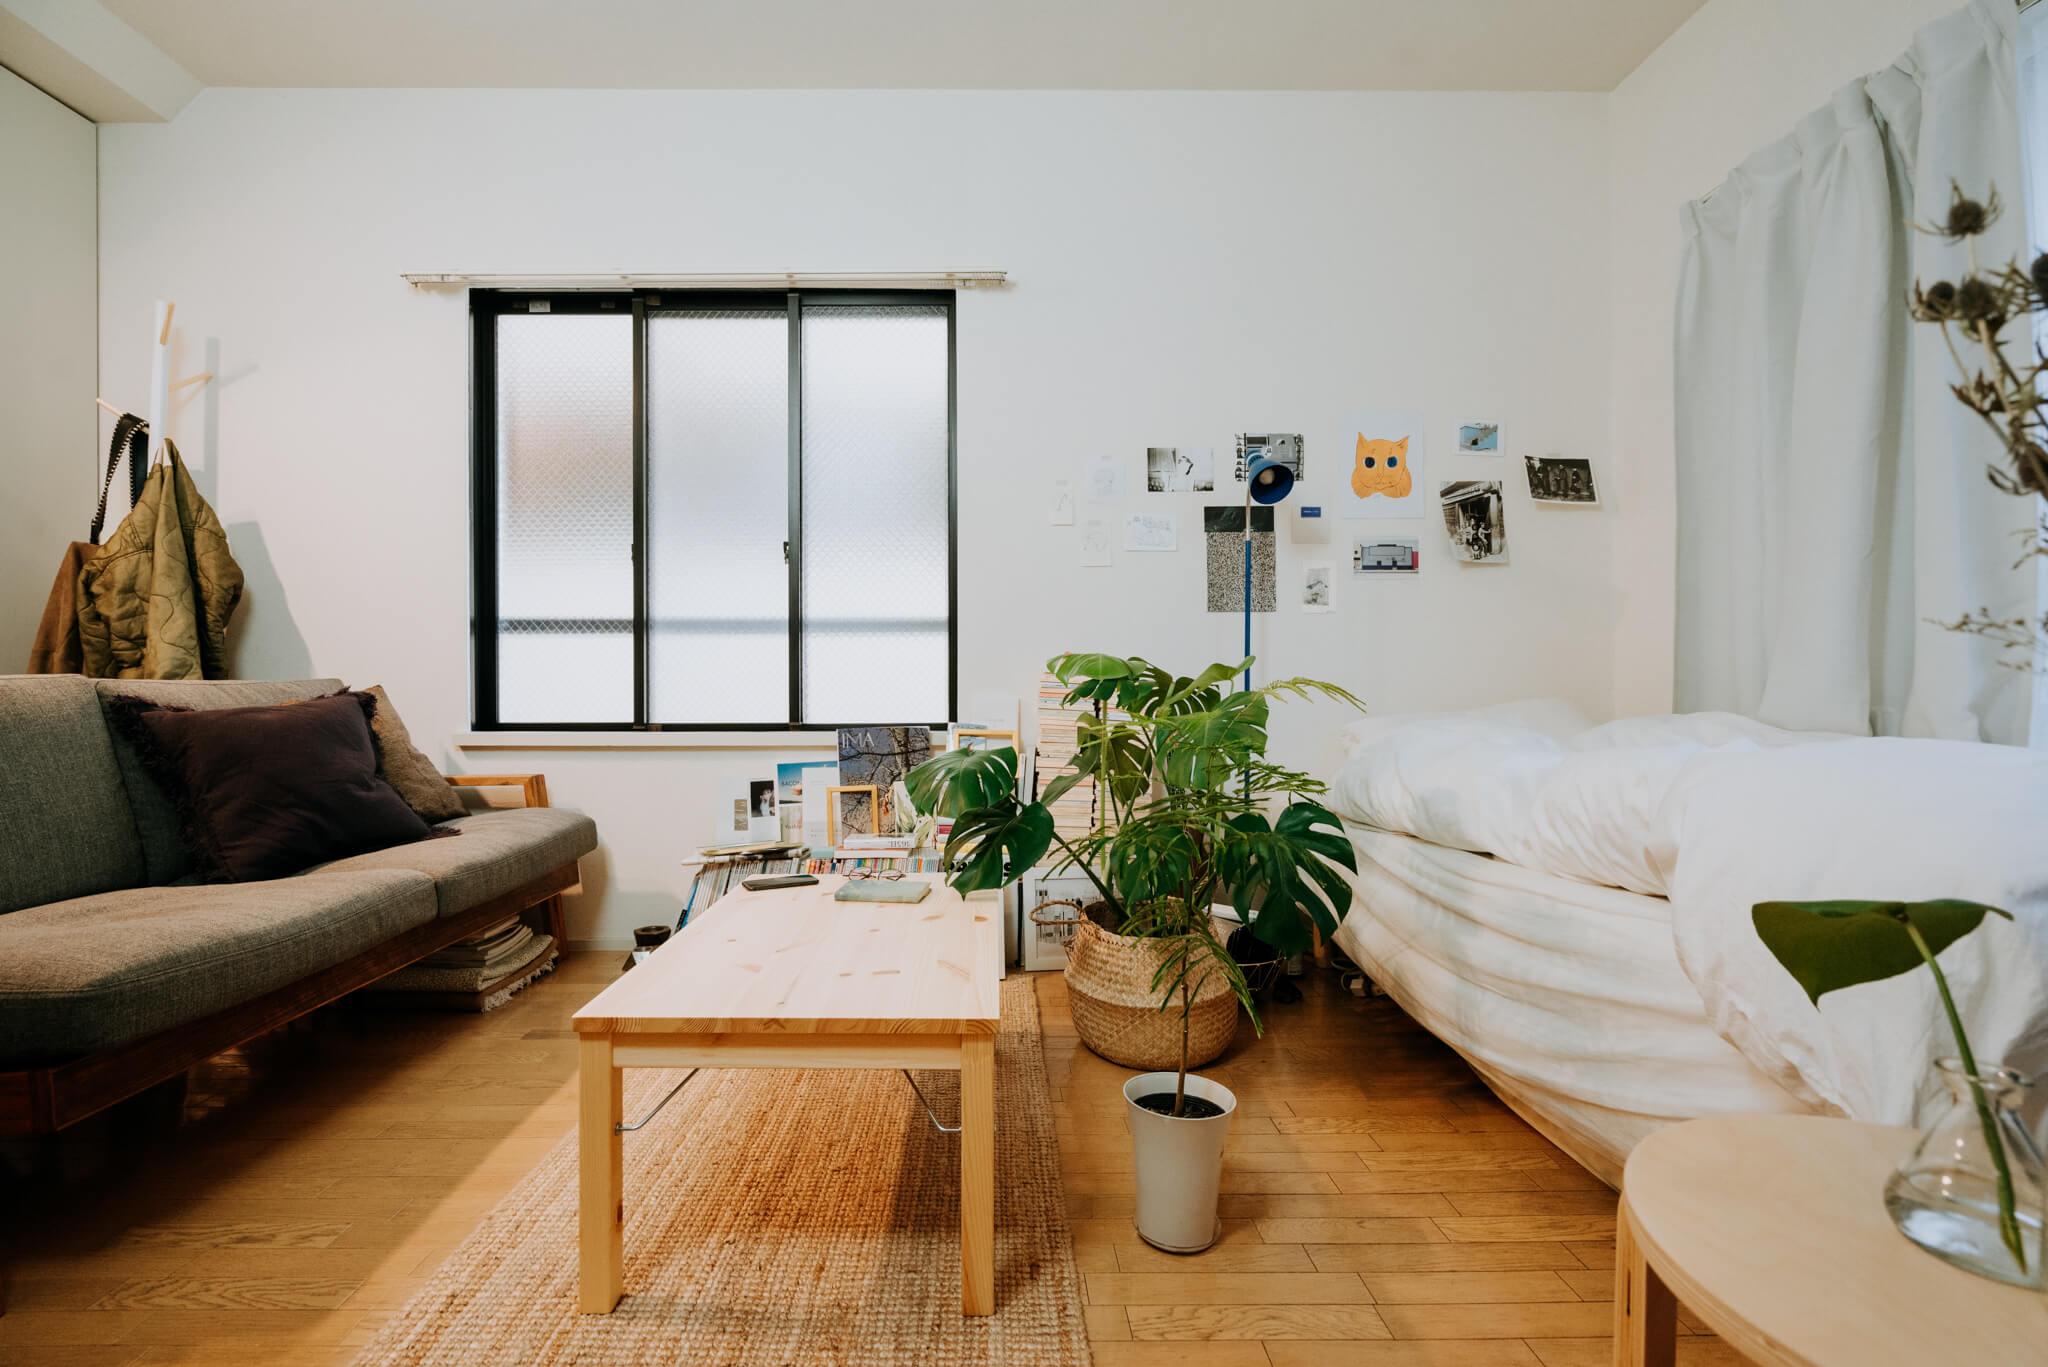 ベッドを窓側に寄せたことで、2シーターの大きなソファ、ローテーブルをおいてもゆとりのある空間に。ソファはリビングハウス、ローテーブルは無印良品の折りたためるタイプ。